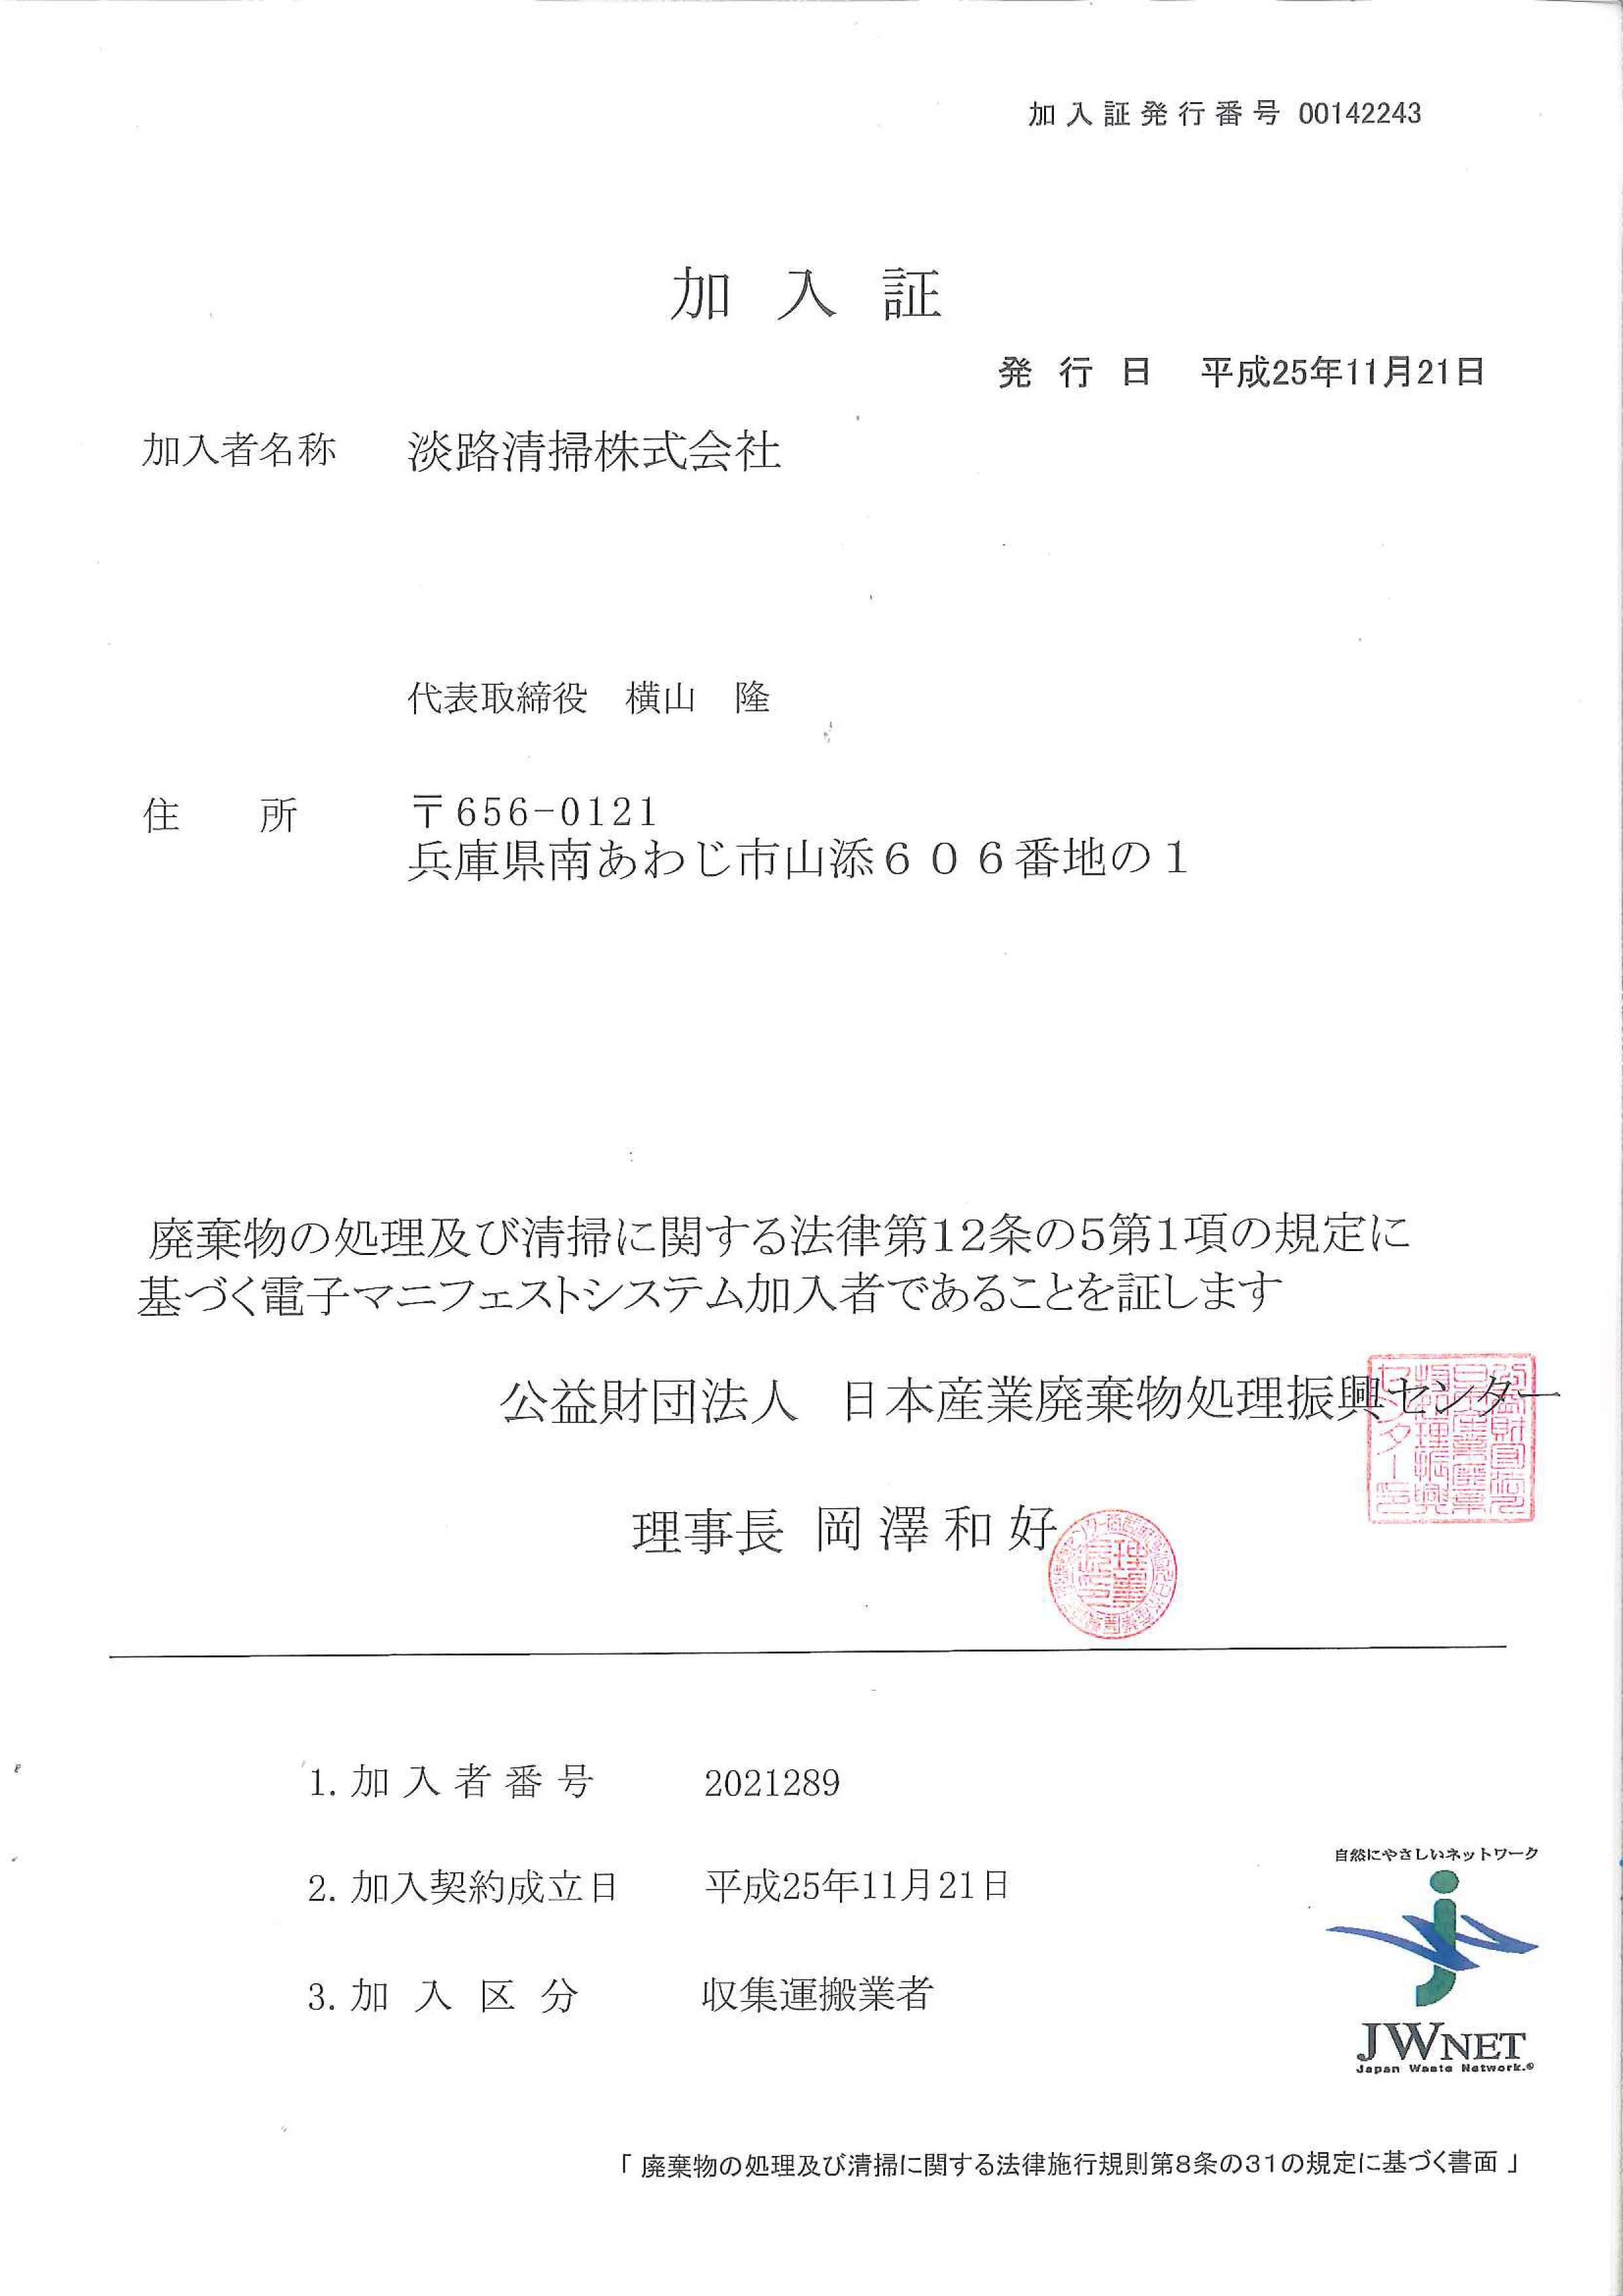 電子マニフェスト加入書 201311231_01